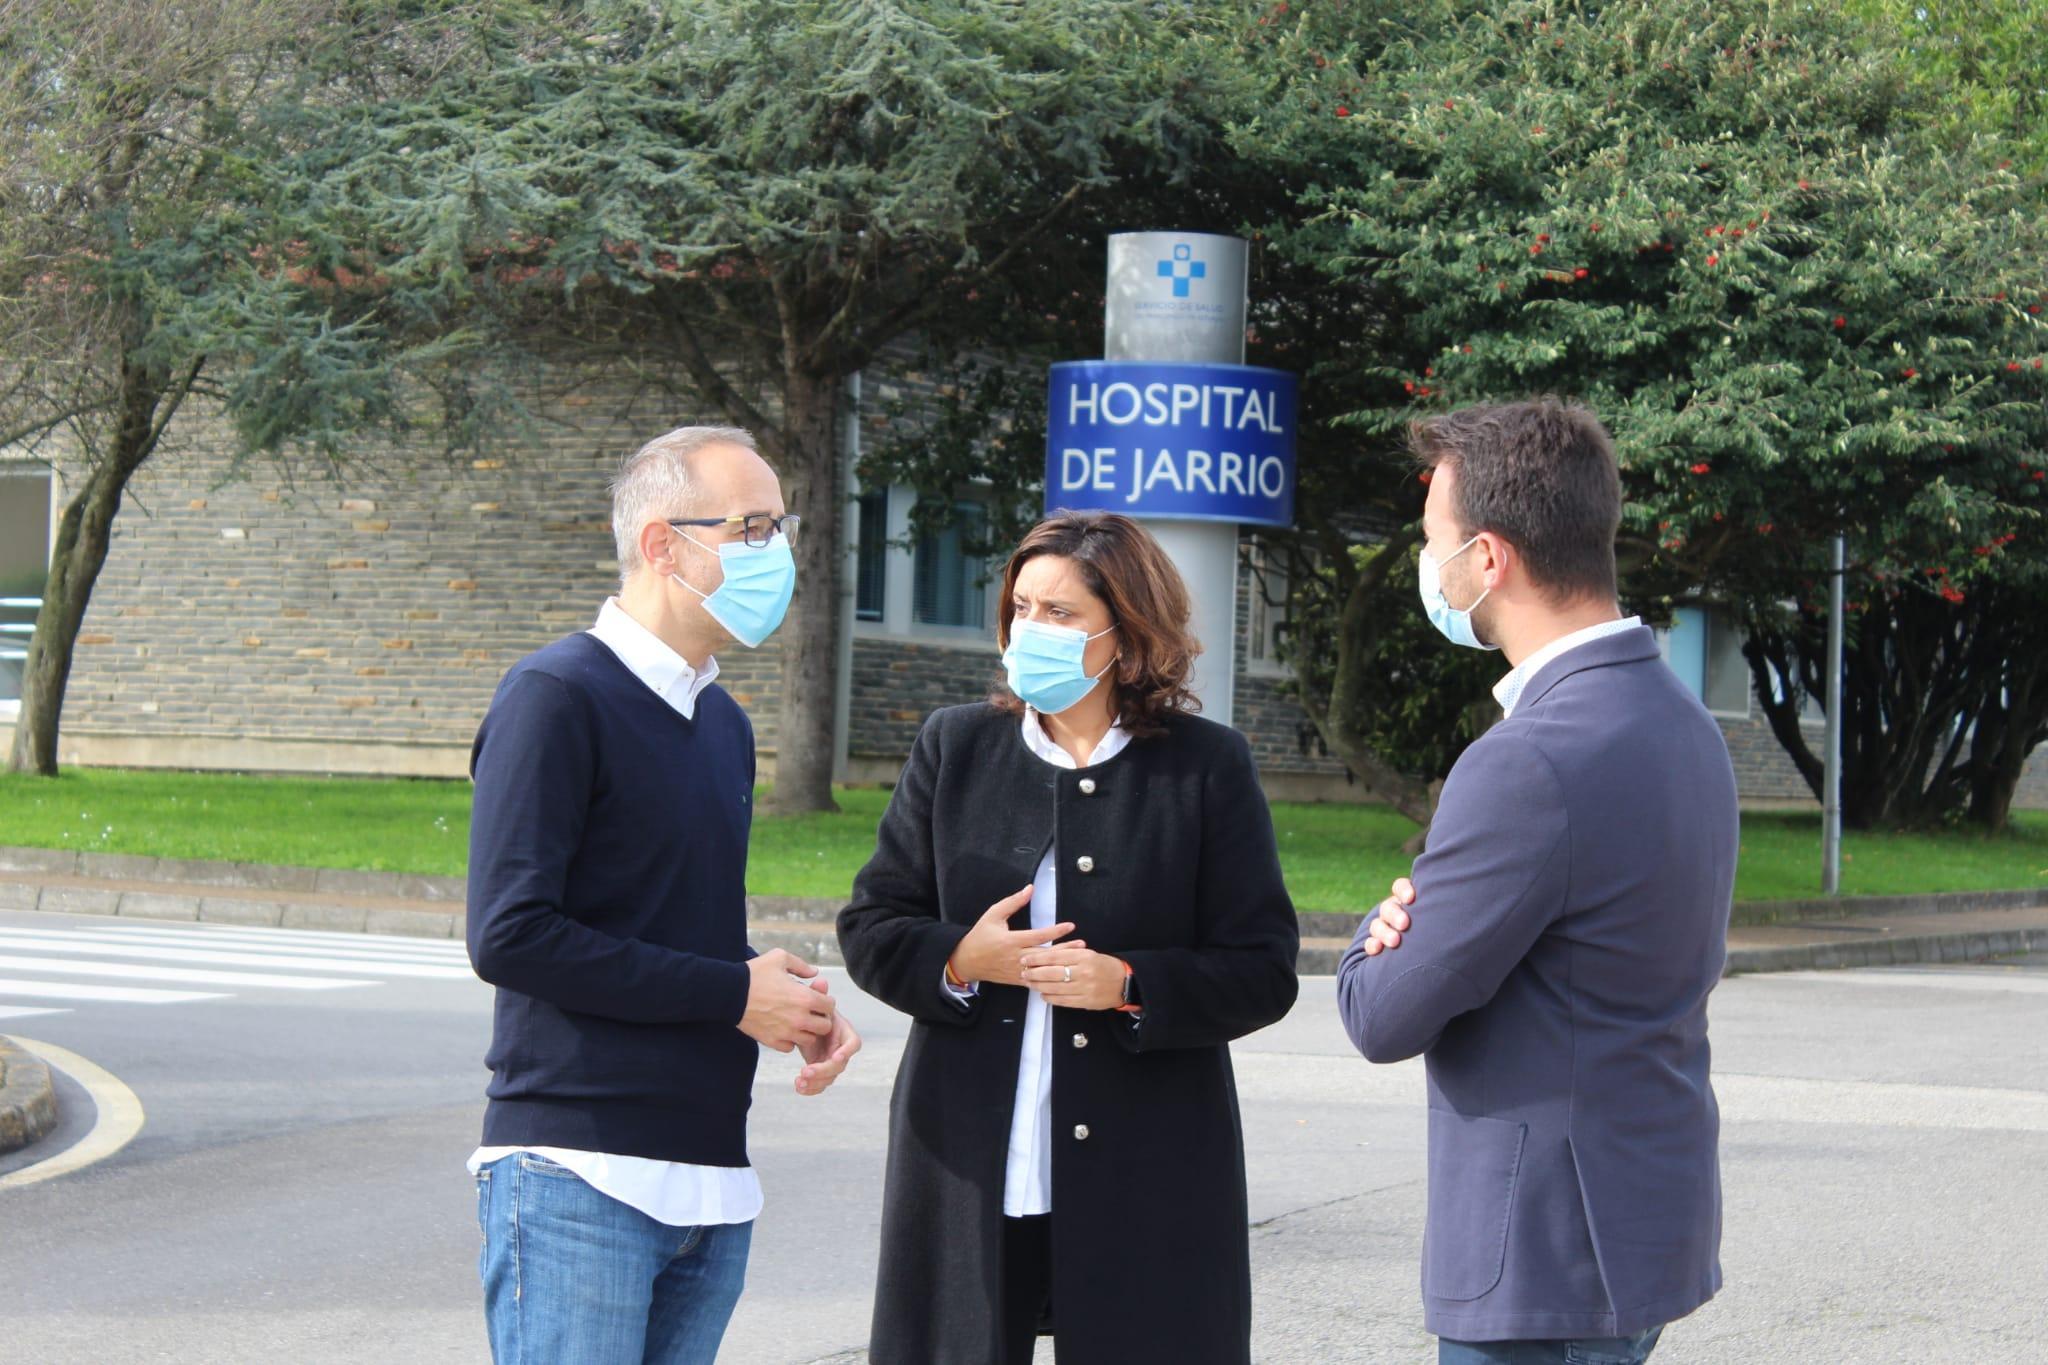 El PP exige que se reanude de inmediato el programa de cribado de cáncer de mama en el Hospital de Jarrio, paralizado hace más de un año